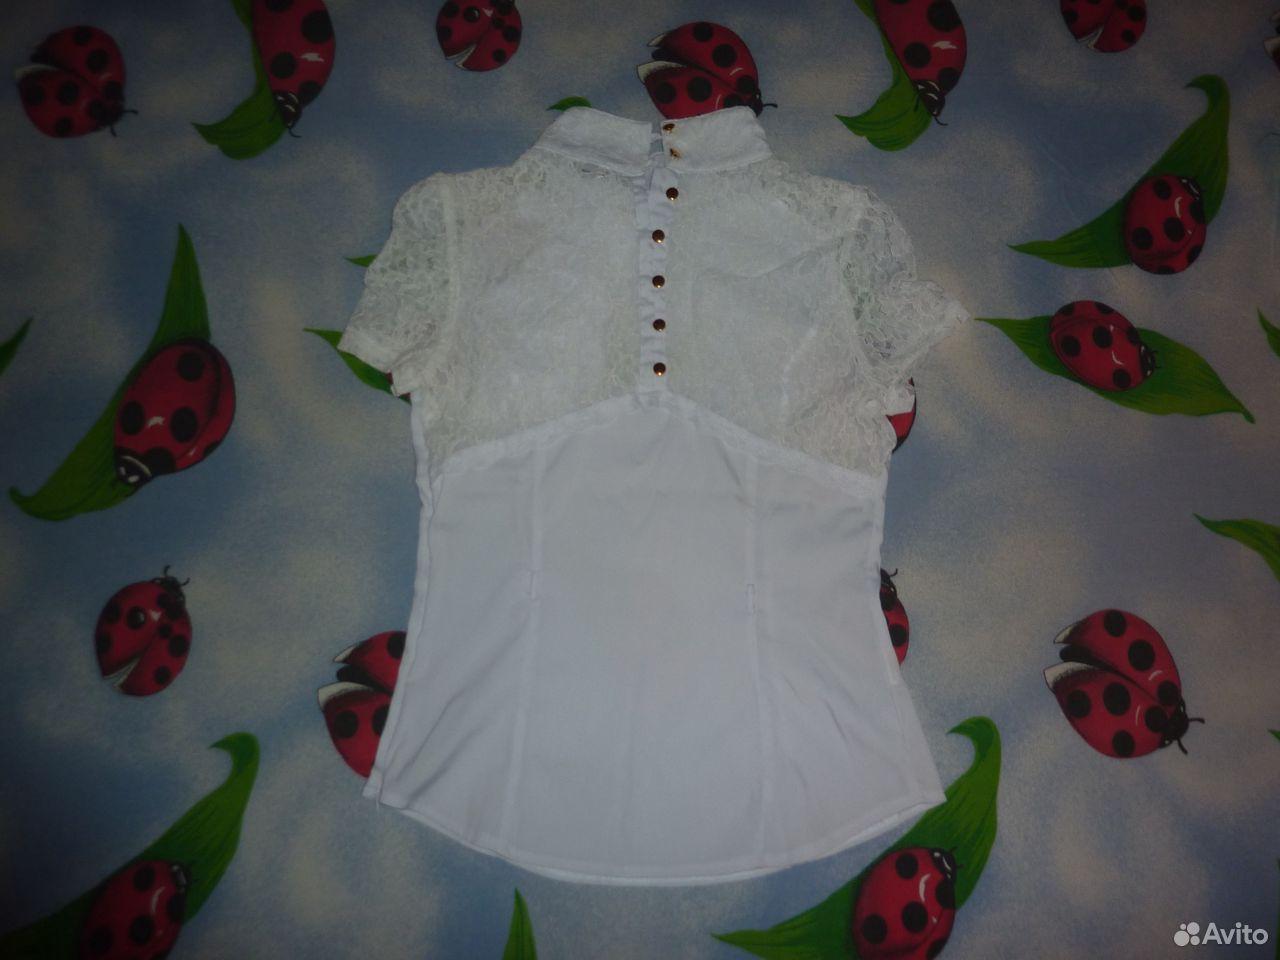 Блузка (белая)  89033482415 купить 2